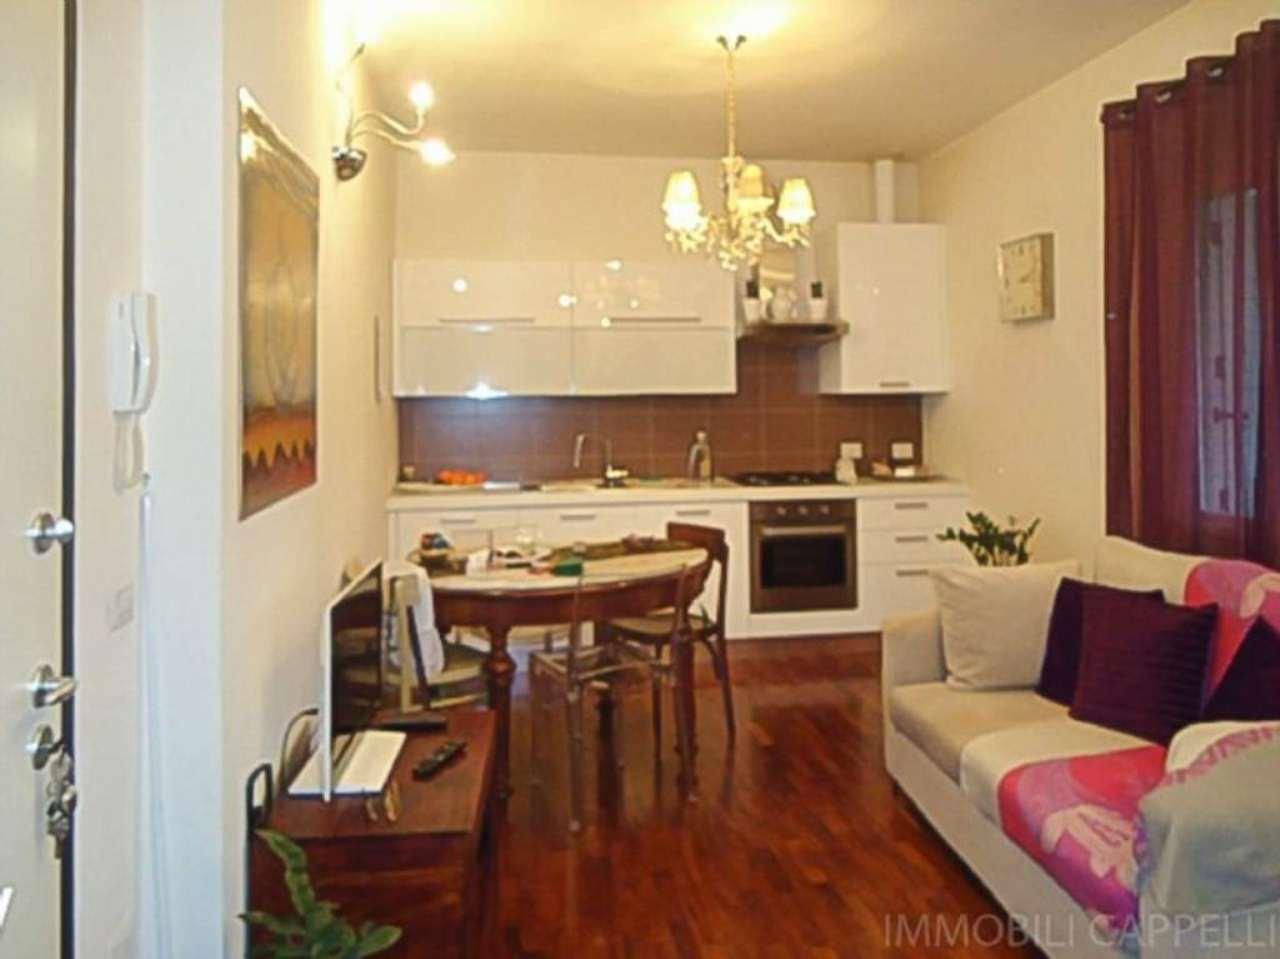 Appartamento in vendita a Forlimpopoli, 2 locali, prezzo € 128.000 | CambioCasa.it